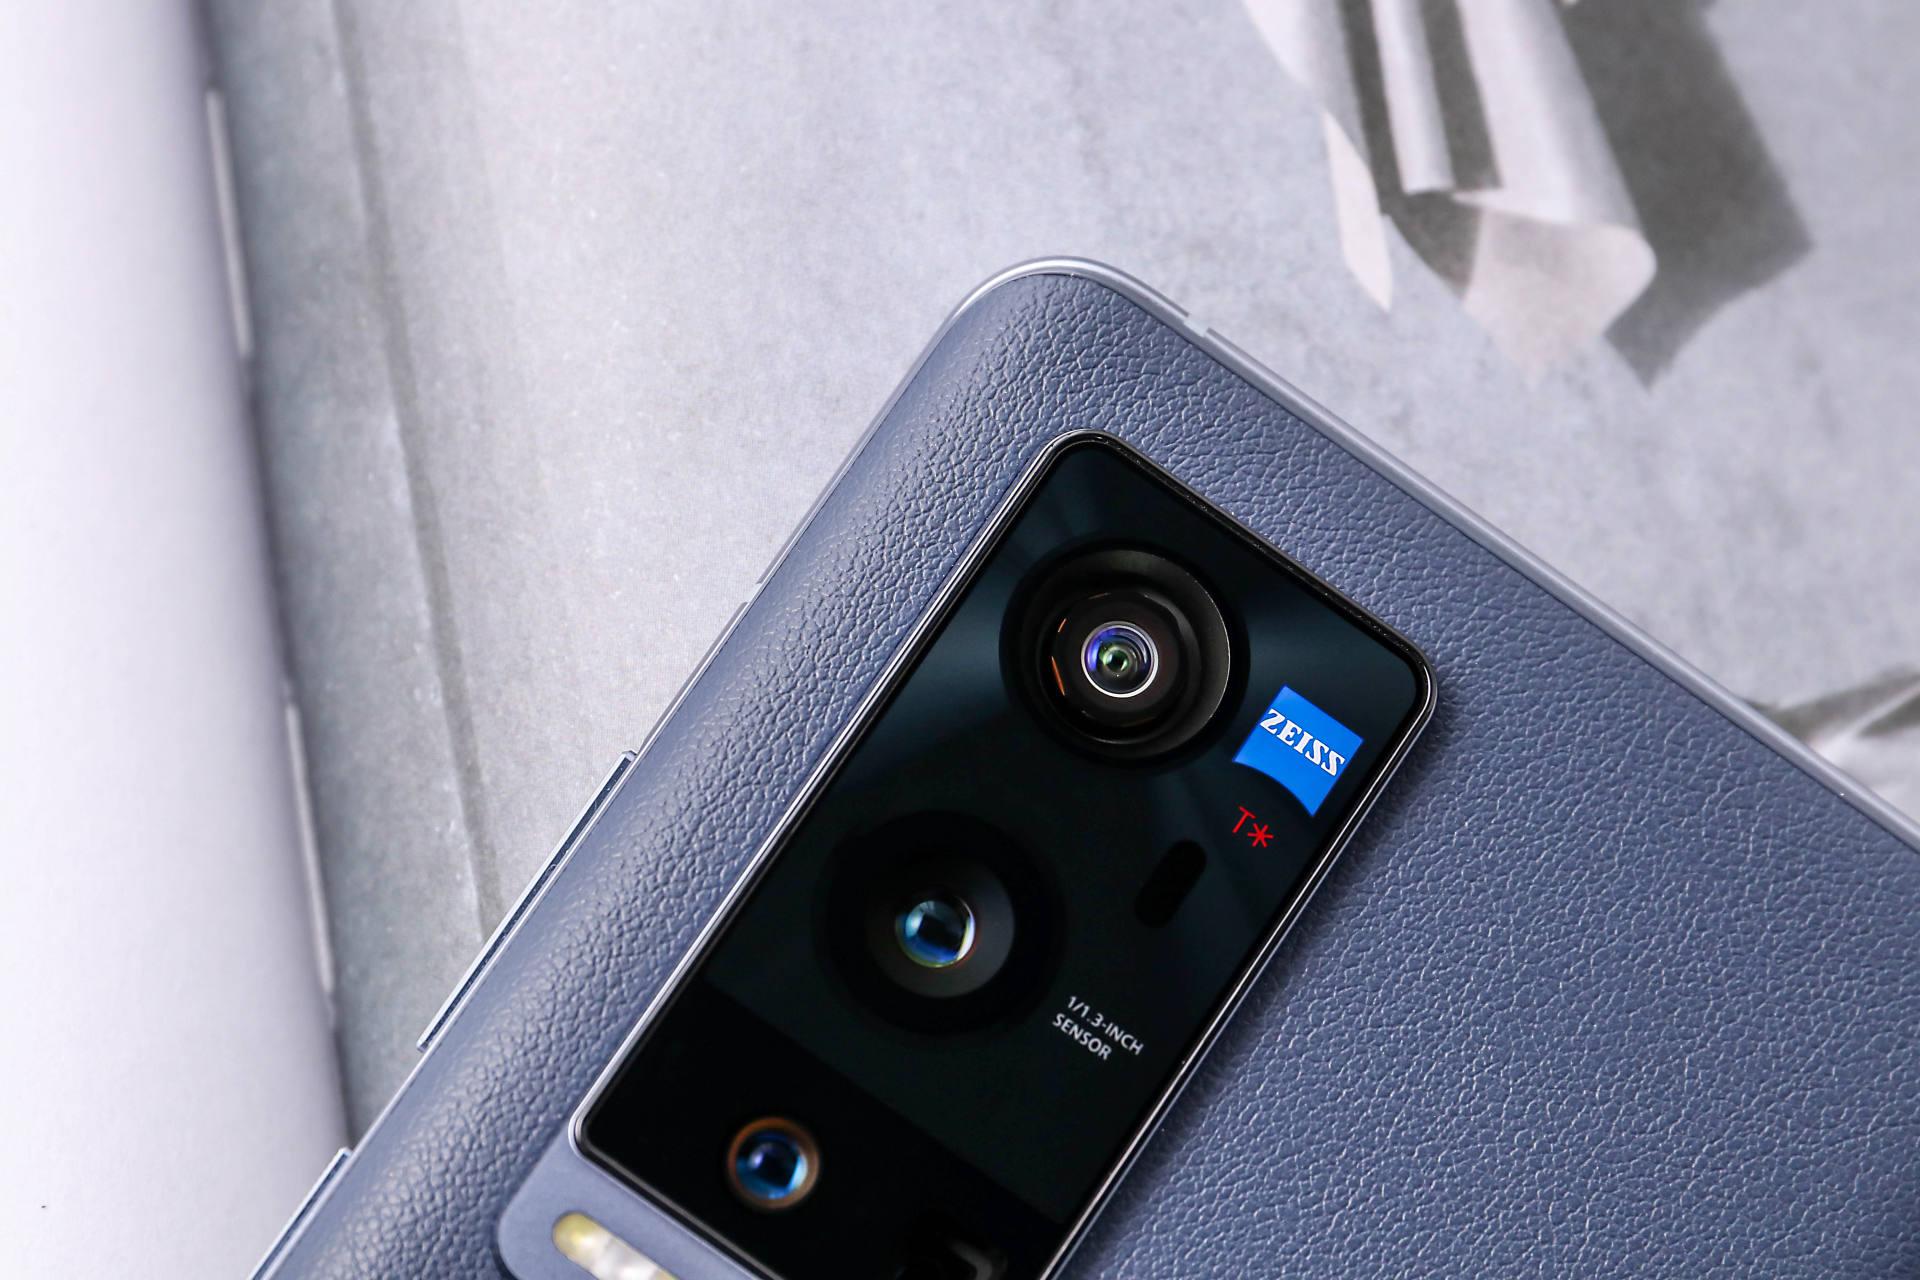 最值得买的3款vivo手机,都是极致性价比,买对不吃亏